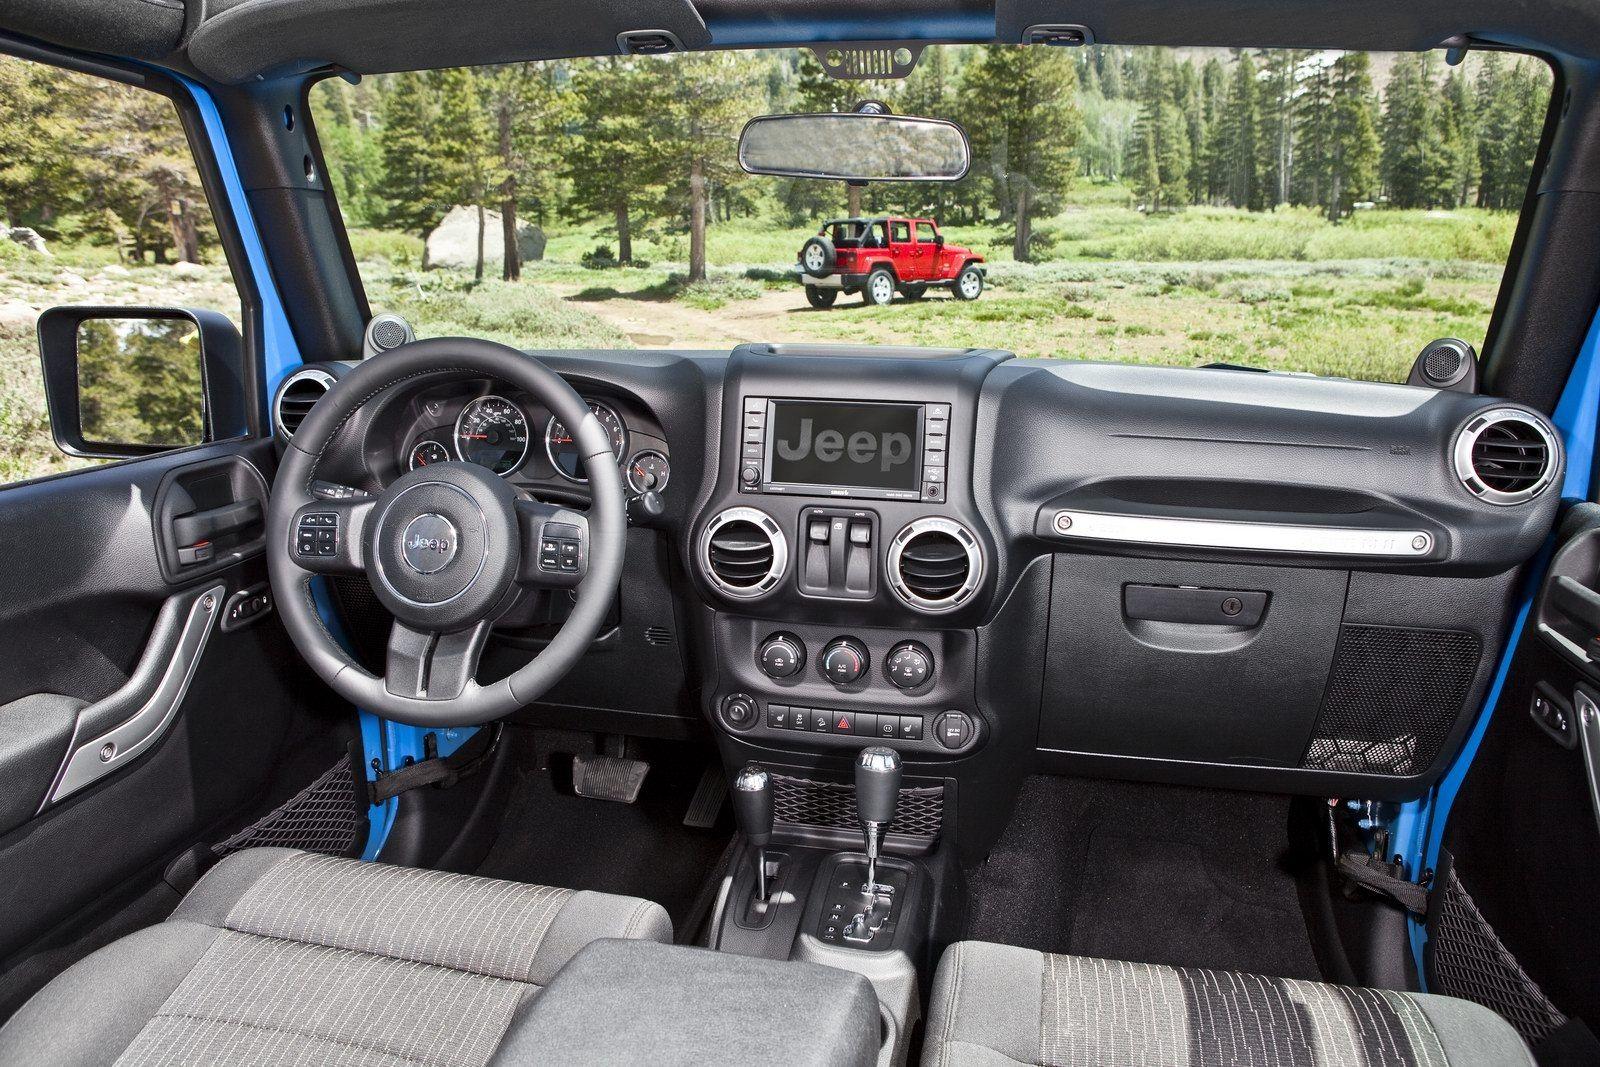 2012 Jeep Wrangler Mpg Http Carenara Com 2012 Jeep Wrangler Mpg 1485 Html 2012 Jeep Wrangler Fuel Economy Figures Improve 9 Jeep Wrangler Jeep Interiores